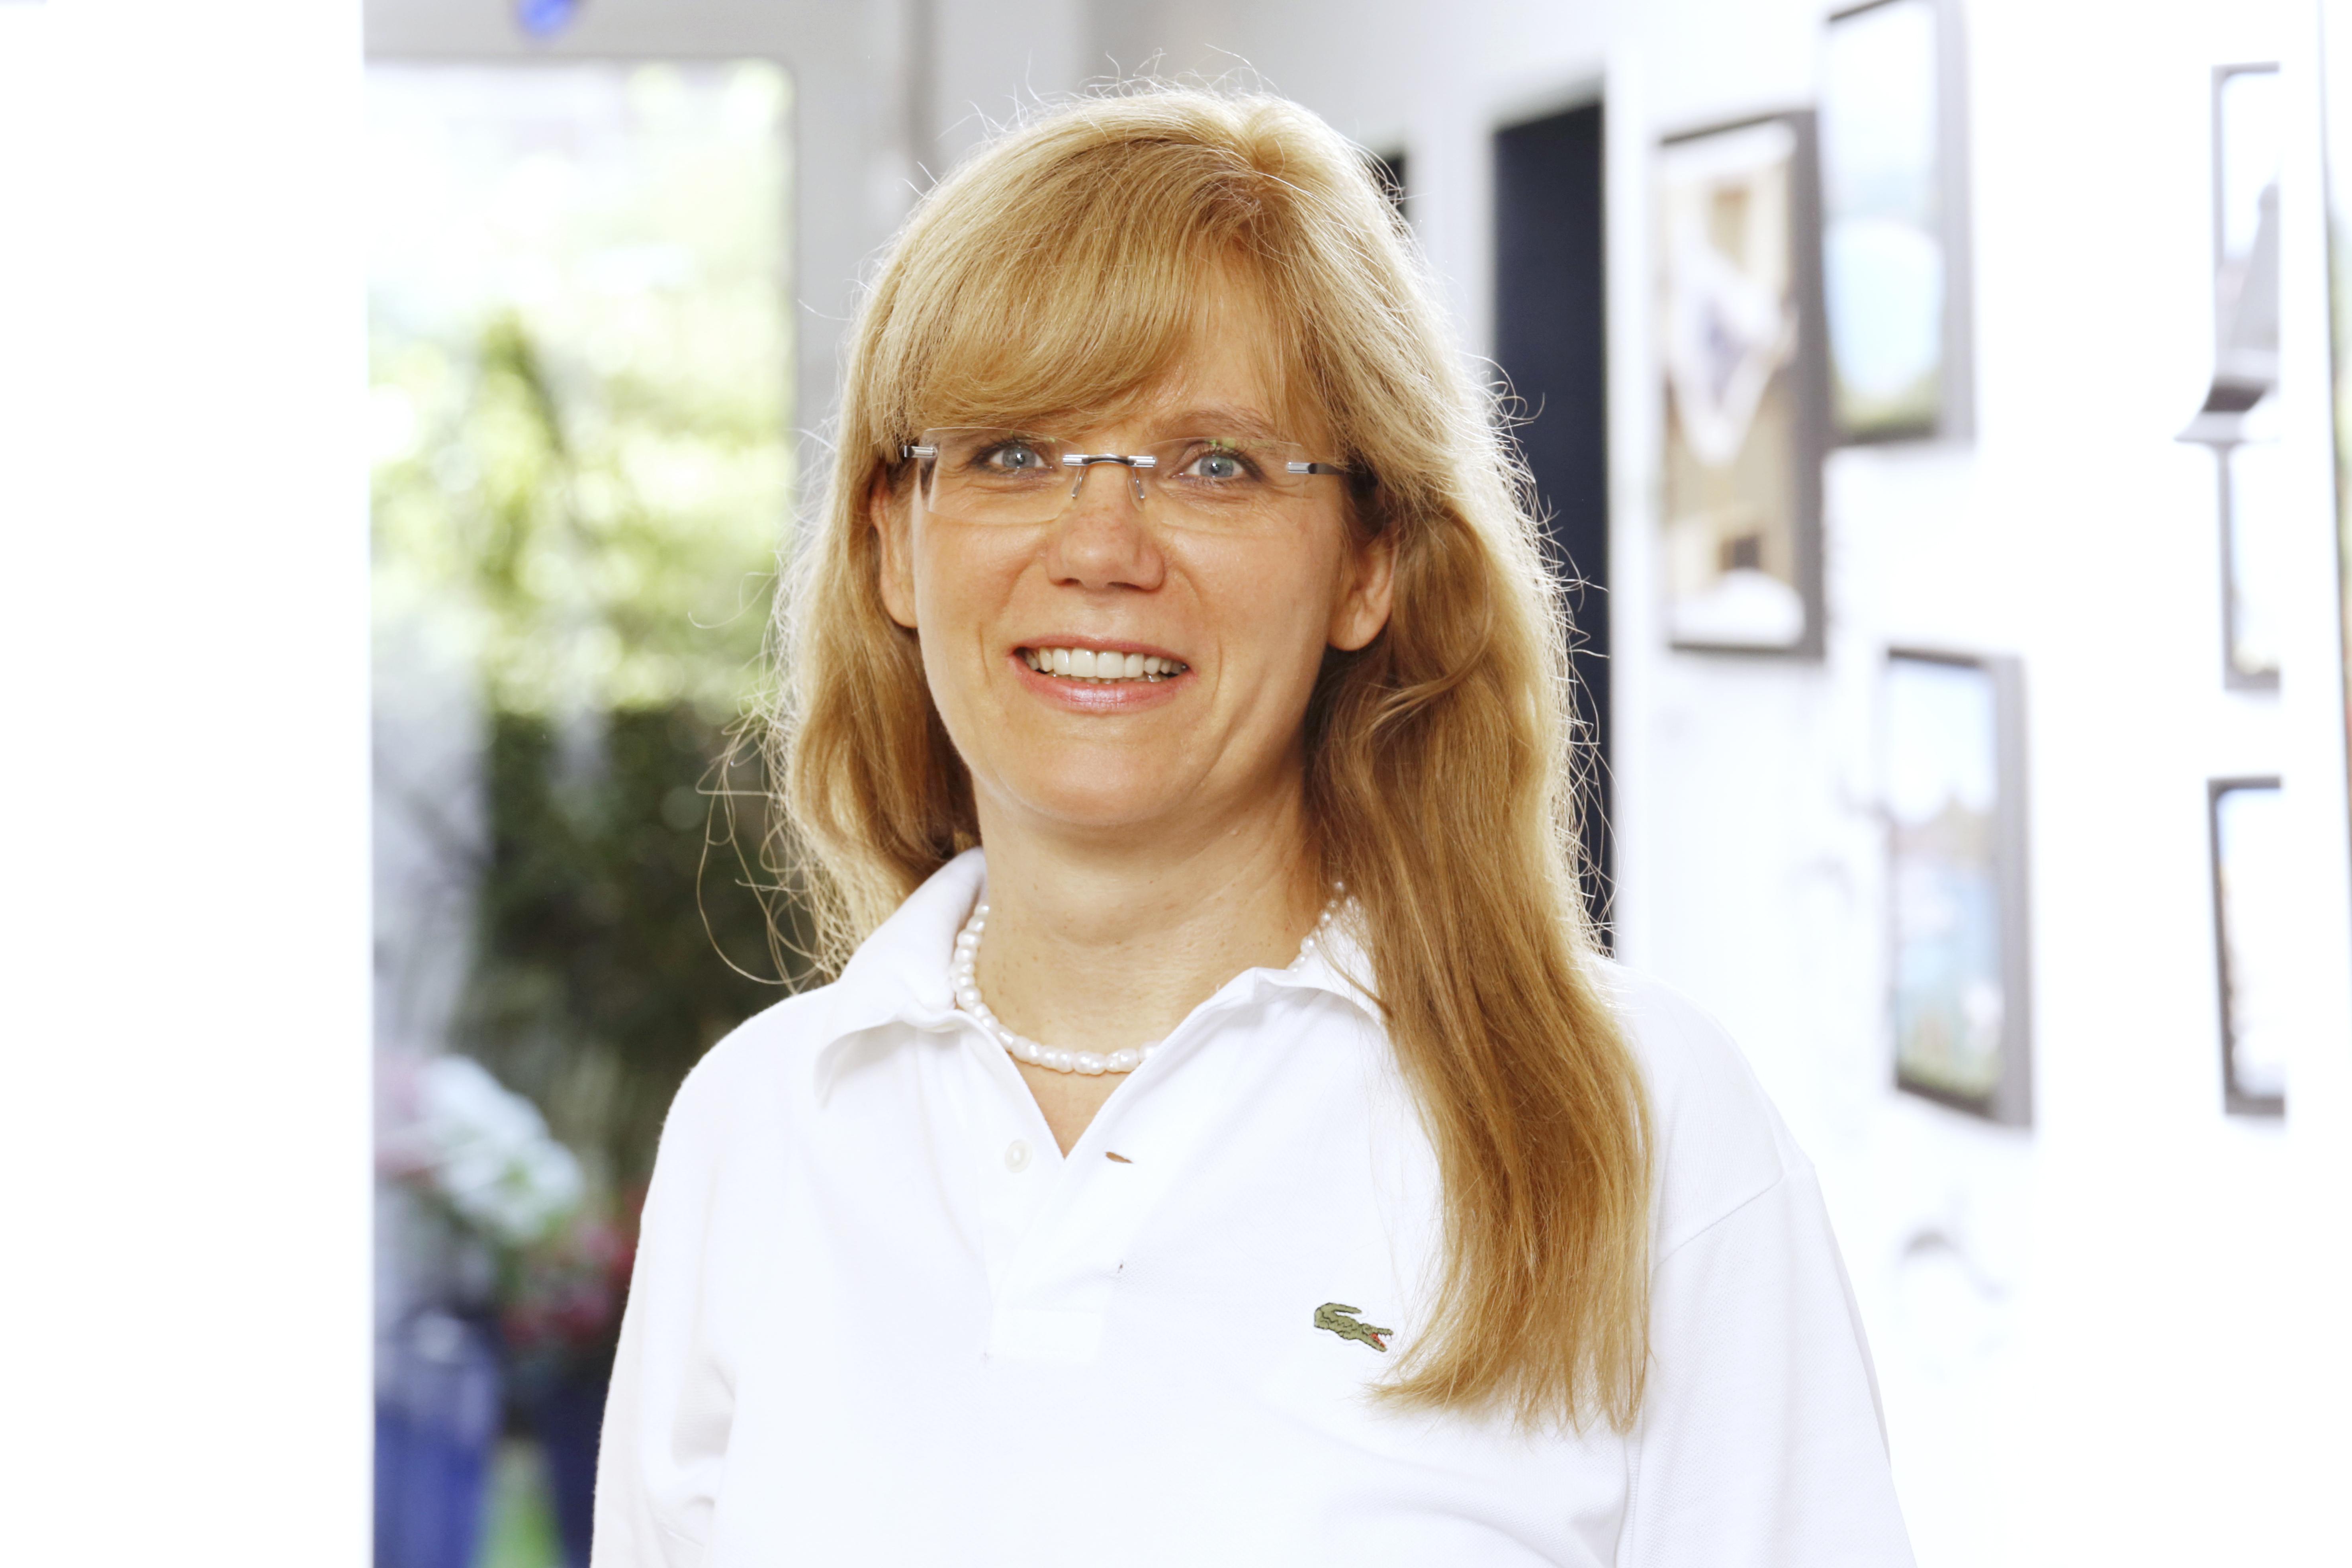 Stefanie Schnittker-Schlotthauer